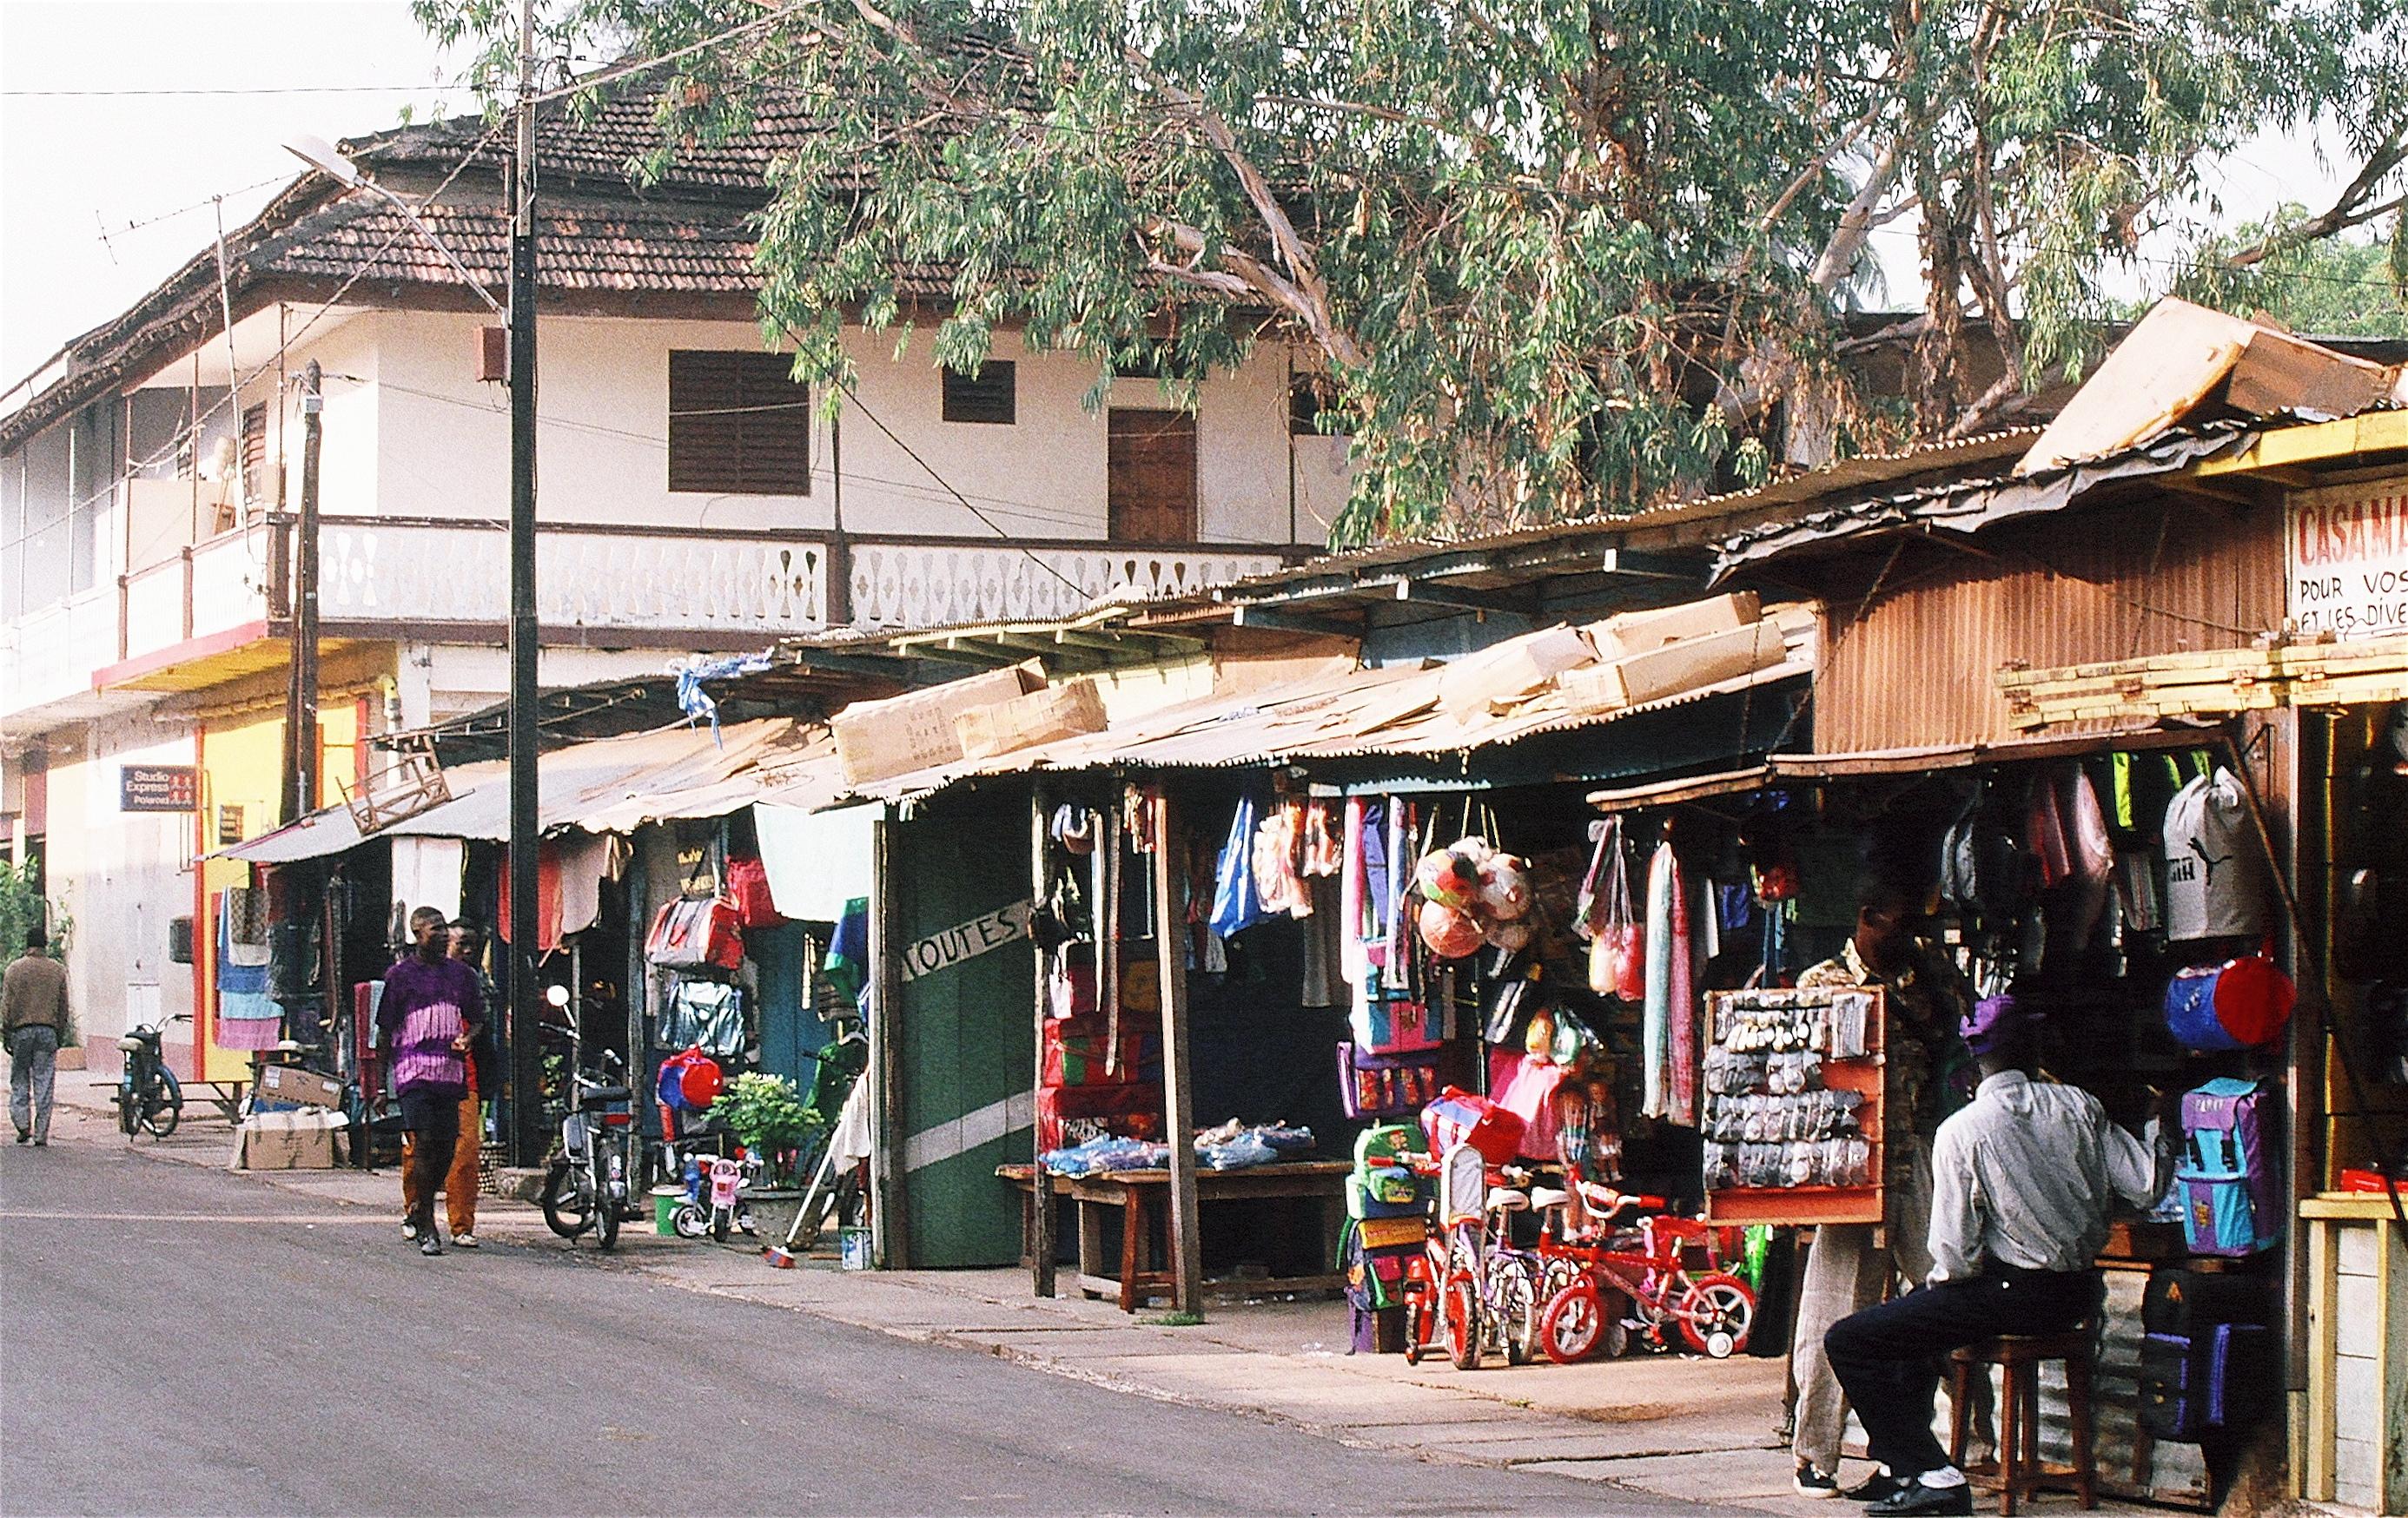 Ziguinchor city